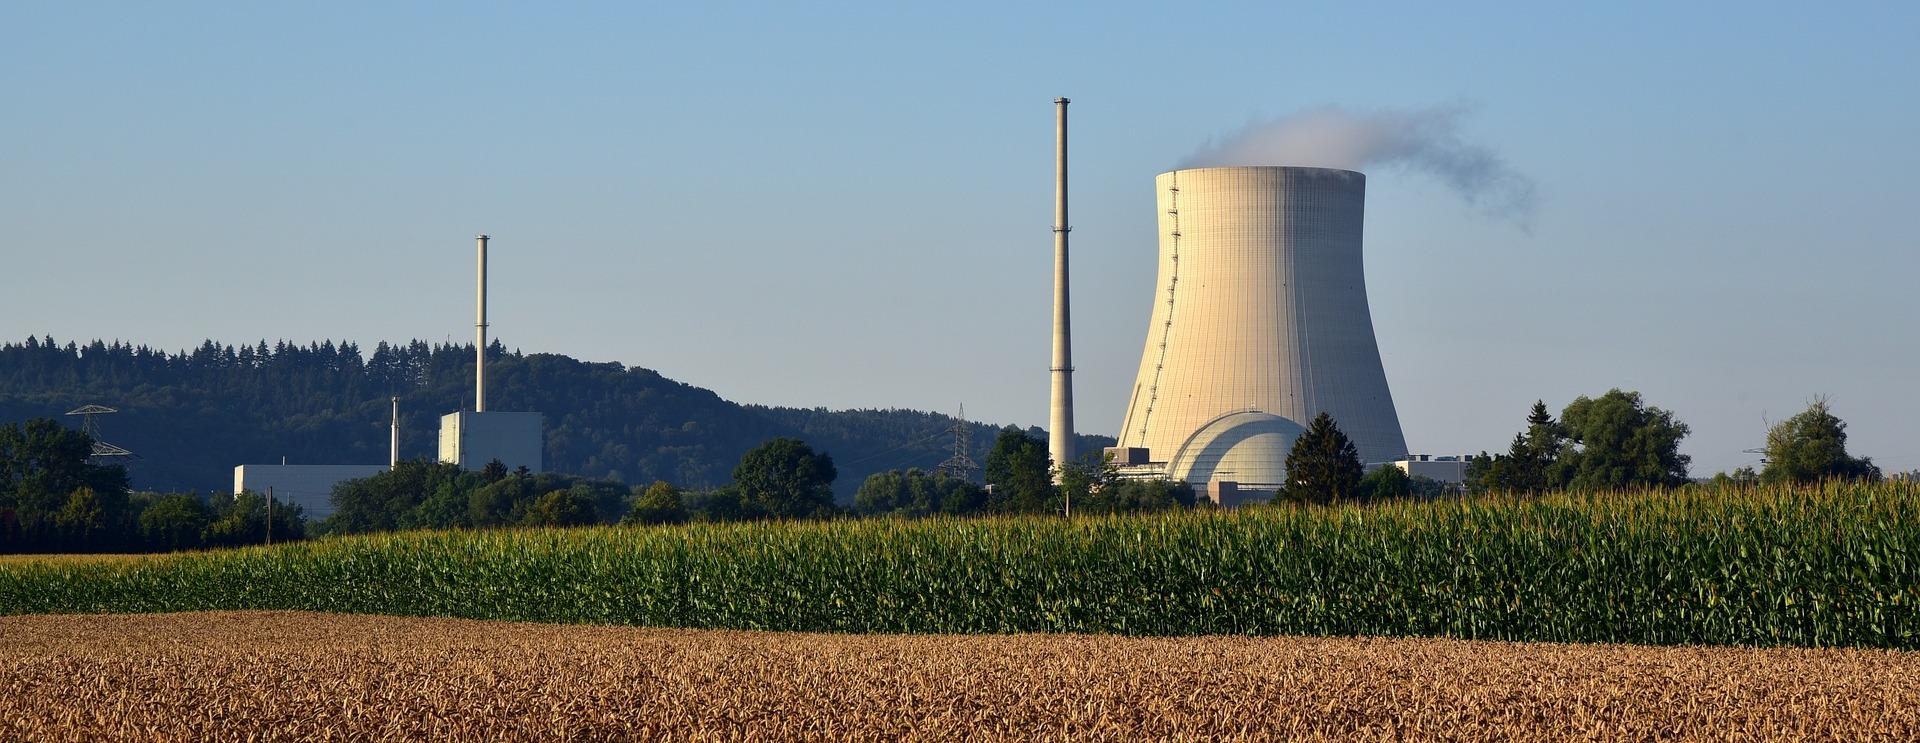 Петрозаводскмаш завершил наплавку трубных заготовок для турецкой АЭС «Аккую»